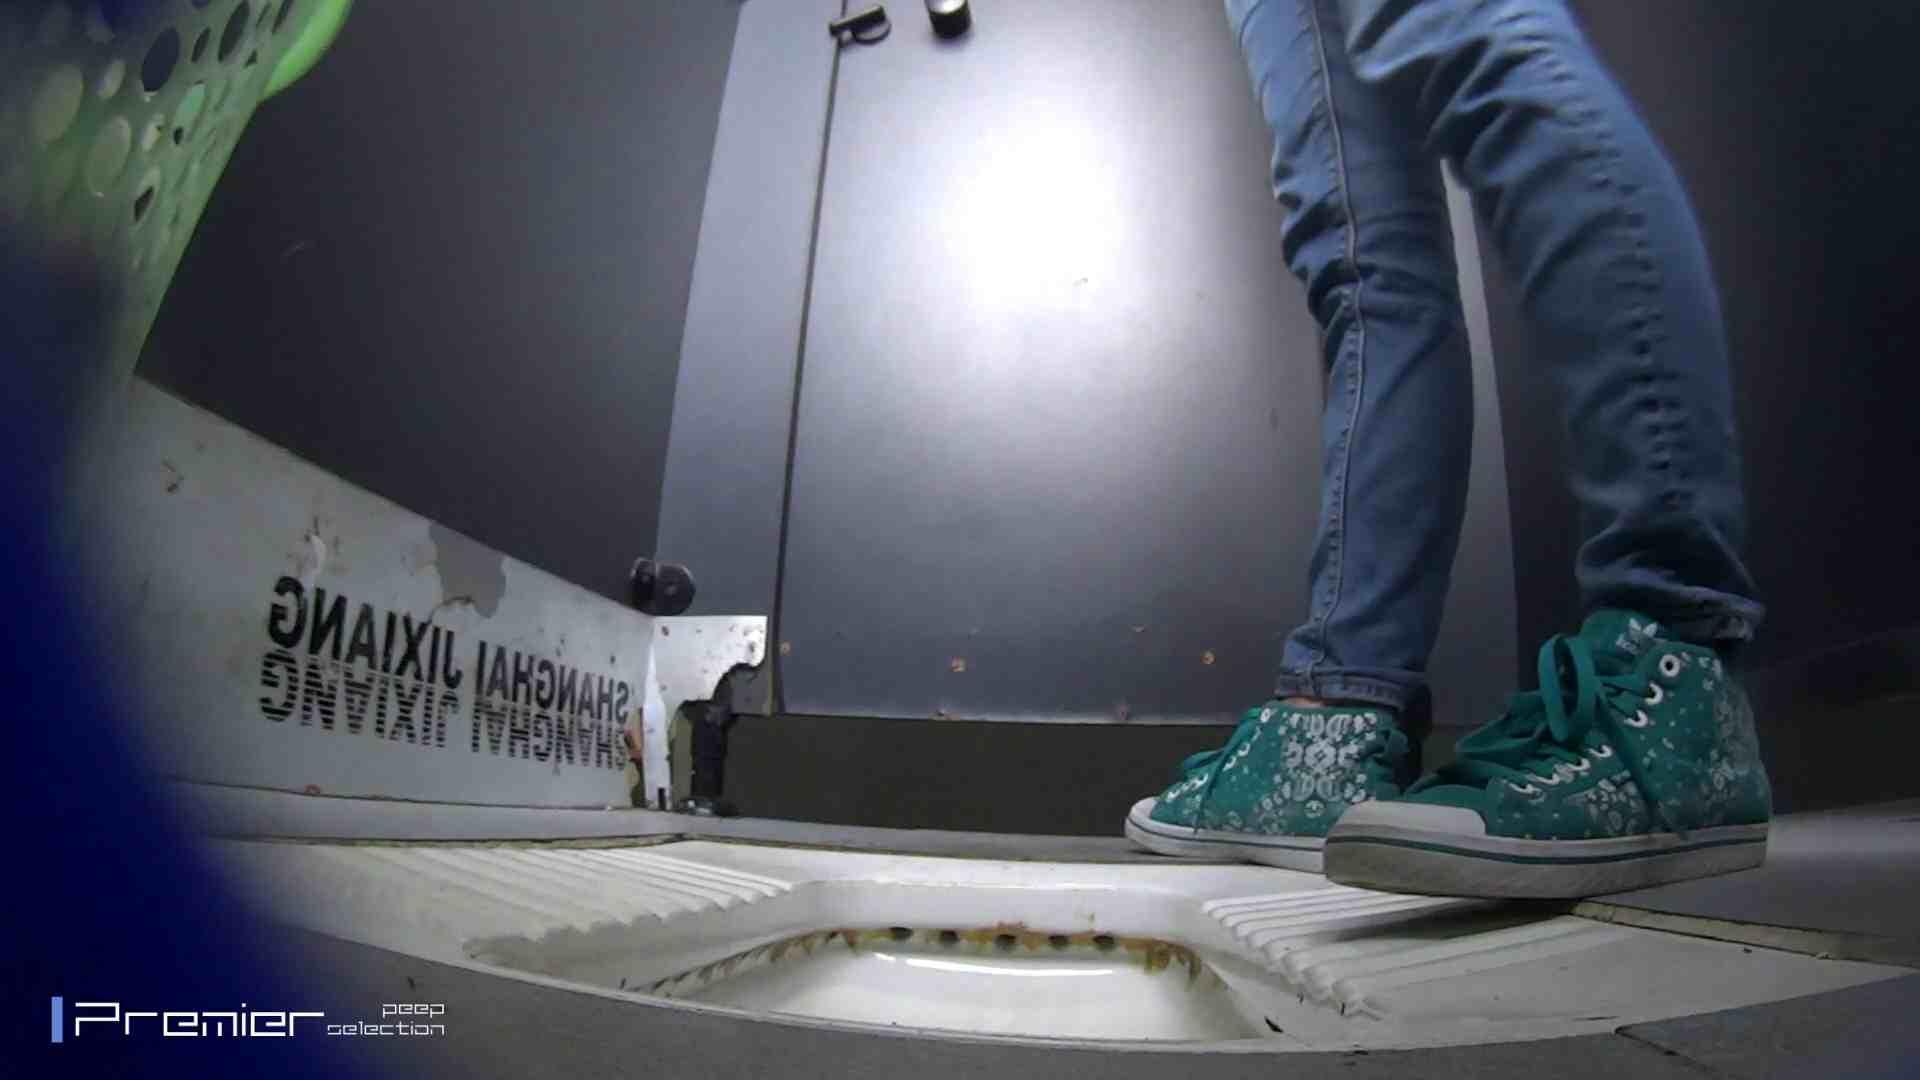 ポチャが多めの洗面所 大学休憩時間の洗面所事情45 美女 濡れ場動画紹介 107枚 10